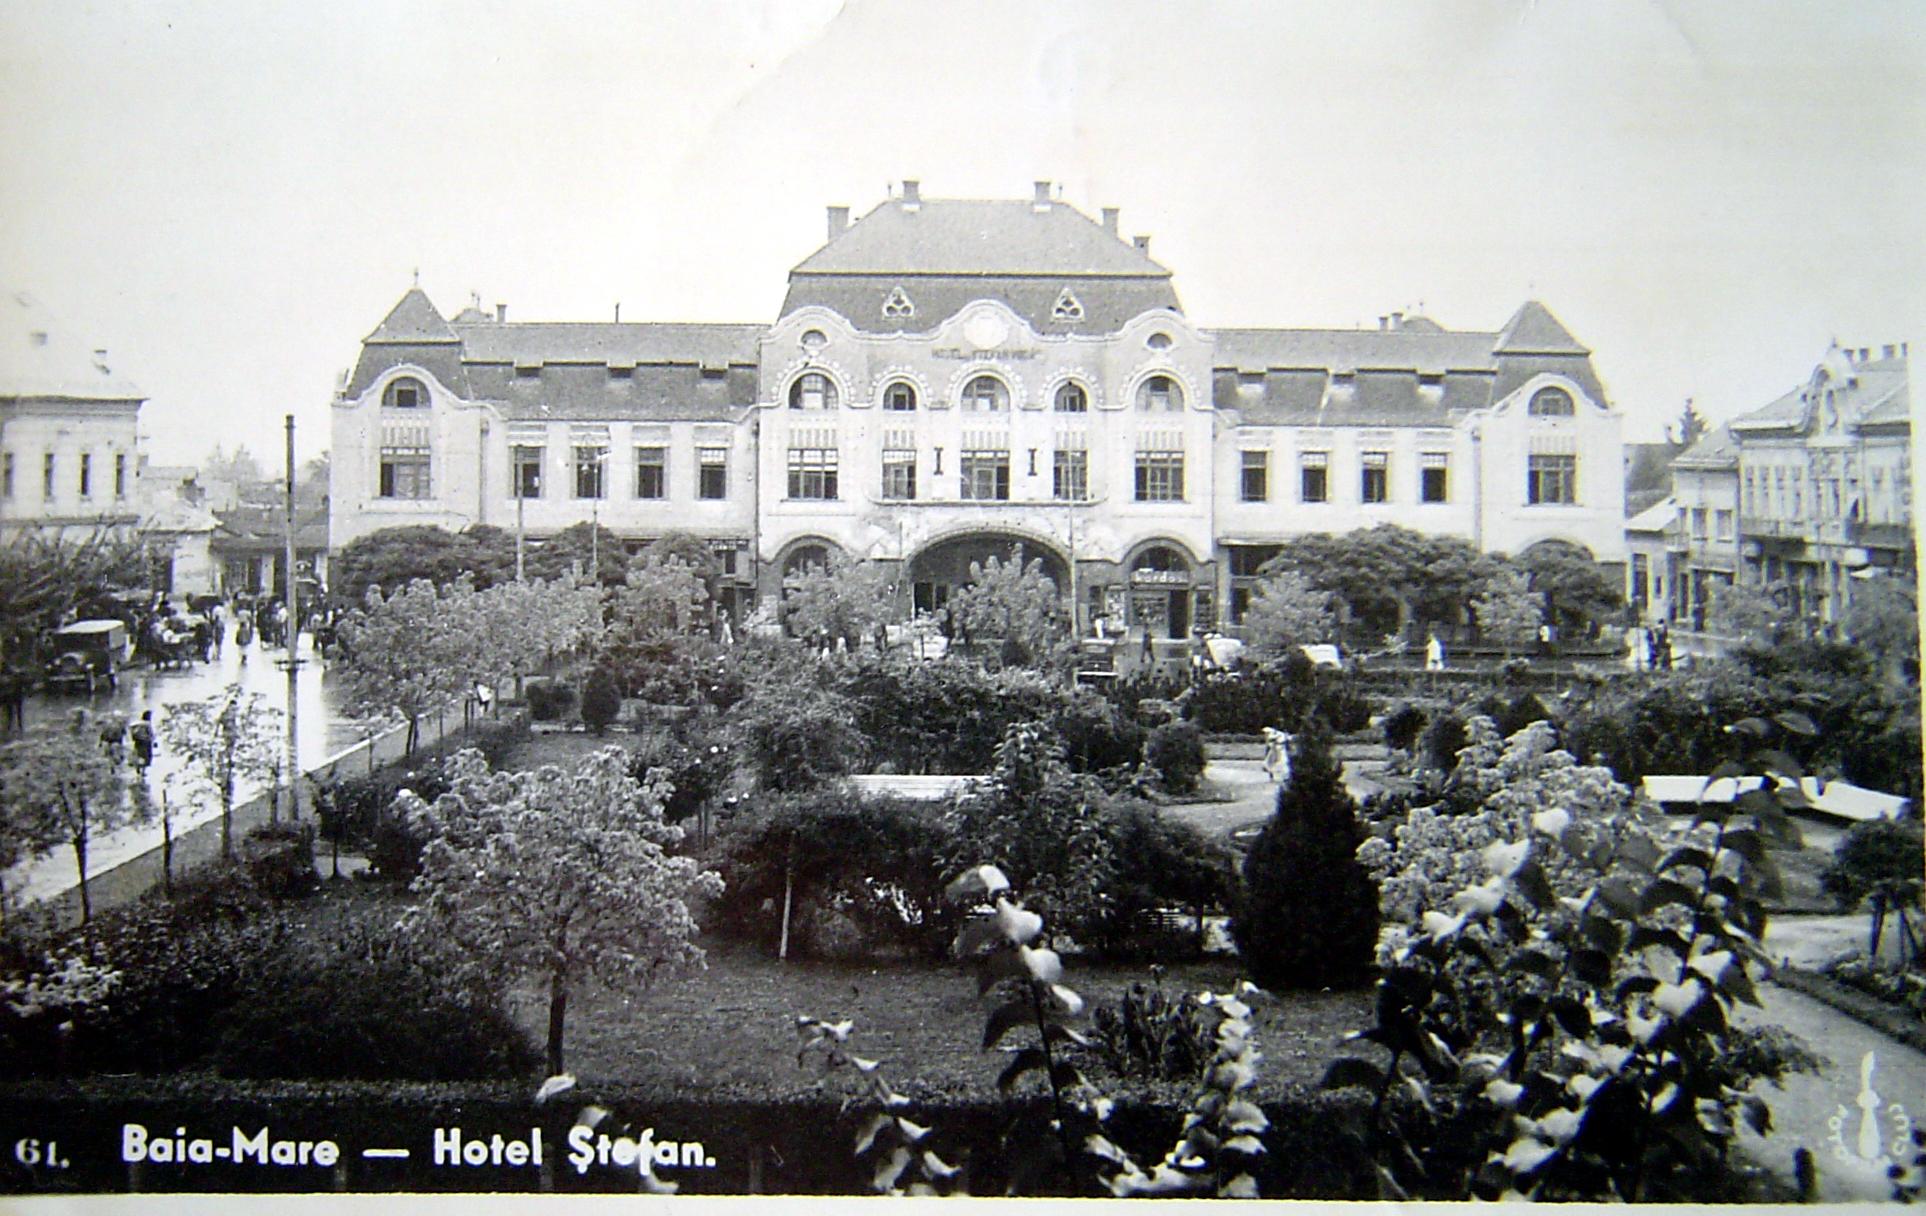 Se pregătește un tun de minim 10 milioane de Euro pentru Administrația Cherecheș, la Hotel Ştefan (Minerul)